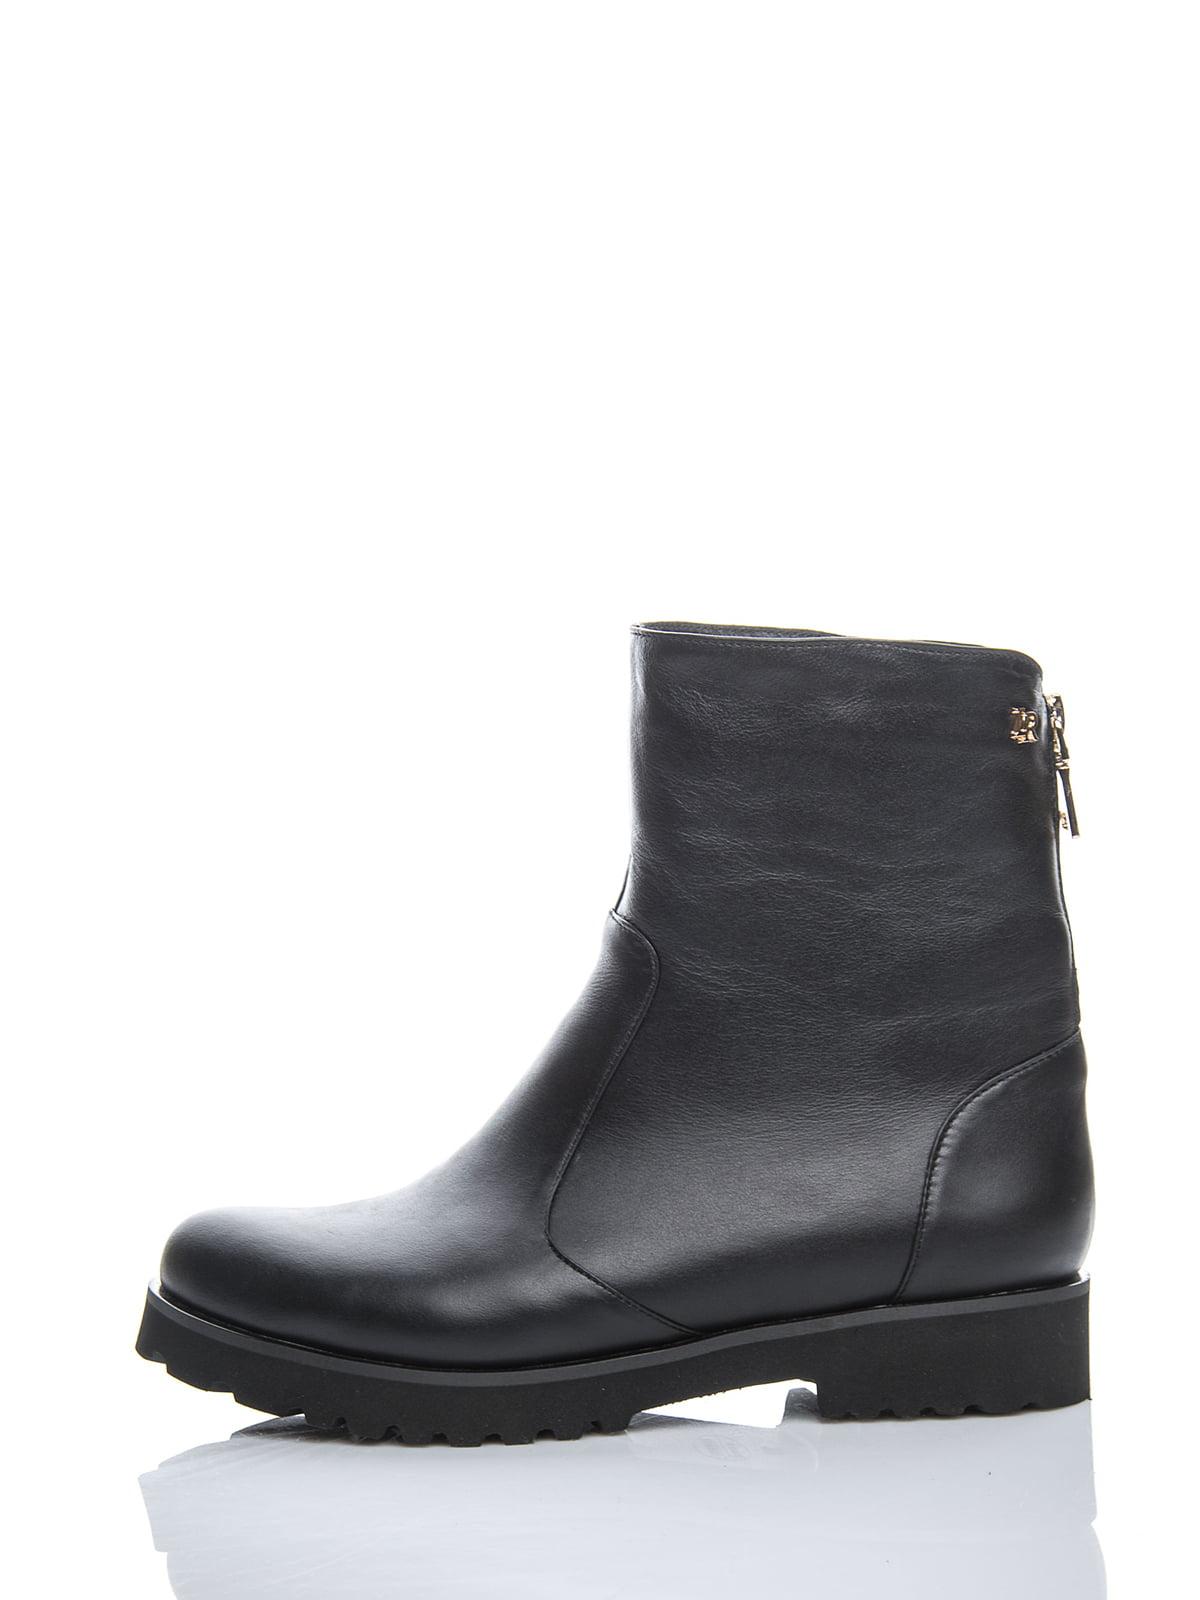 Ботинки черные | 2705847 | фото 2